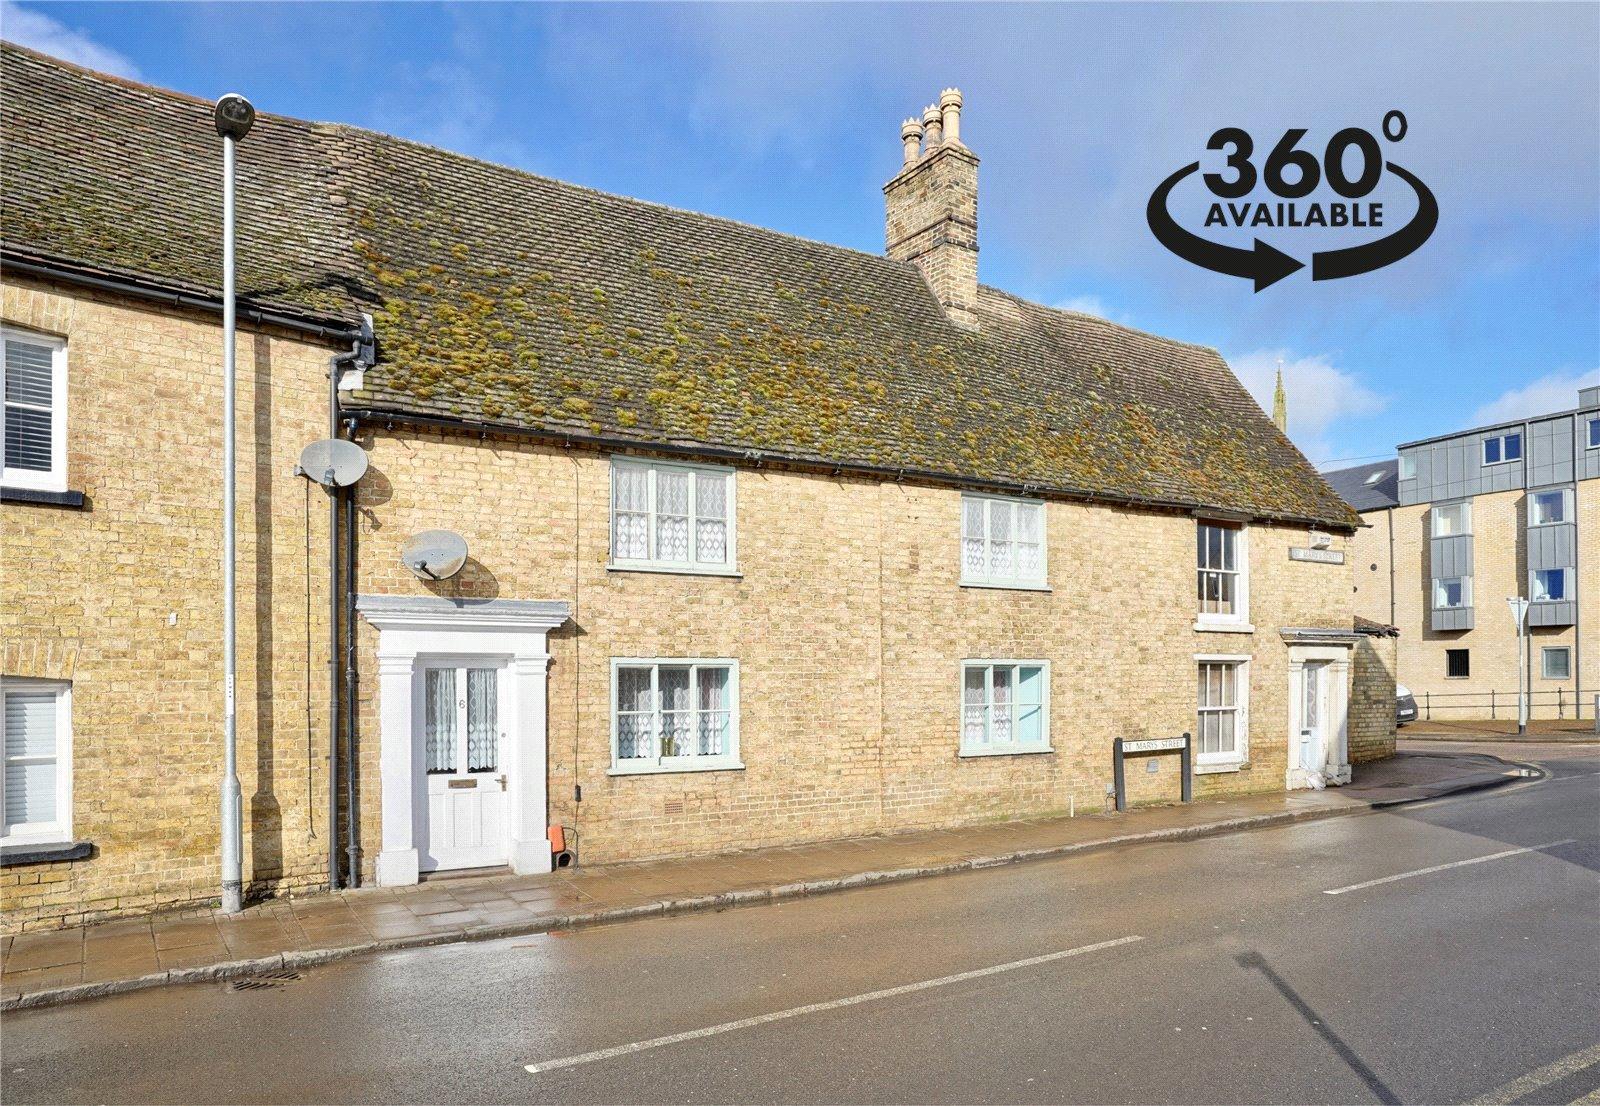 2 bed house for sale in Eynesbury, St Marys Street, PE19 2TA, PE19